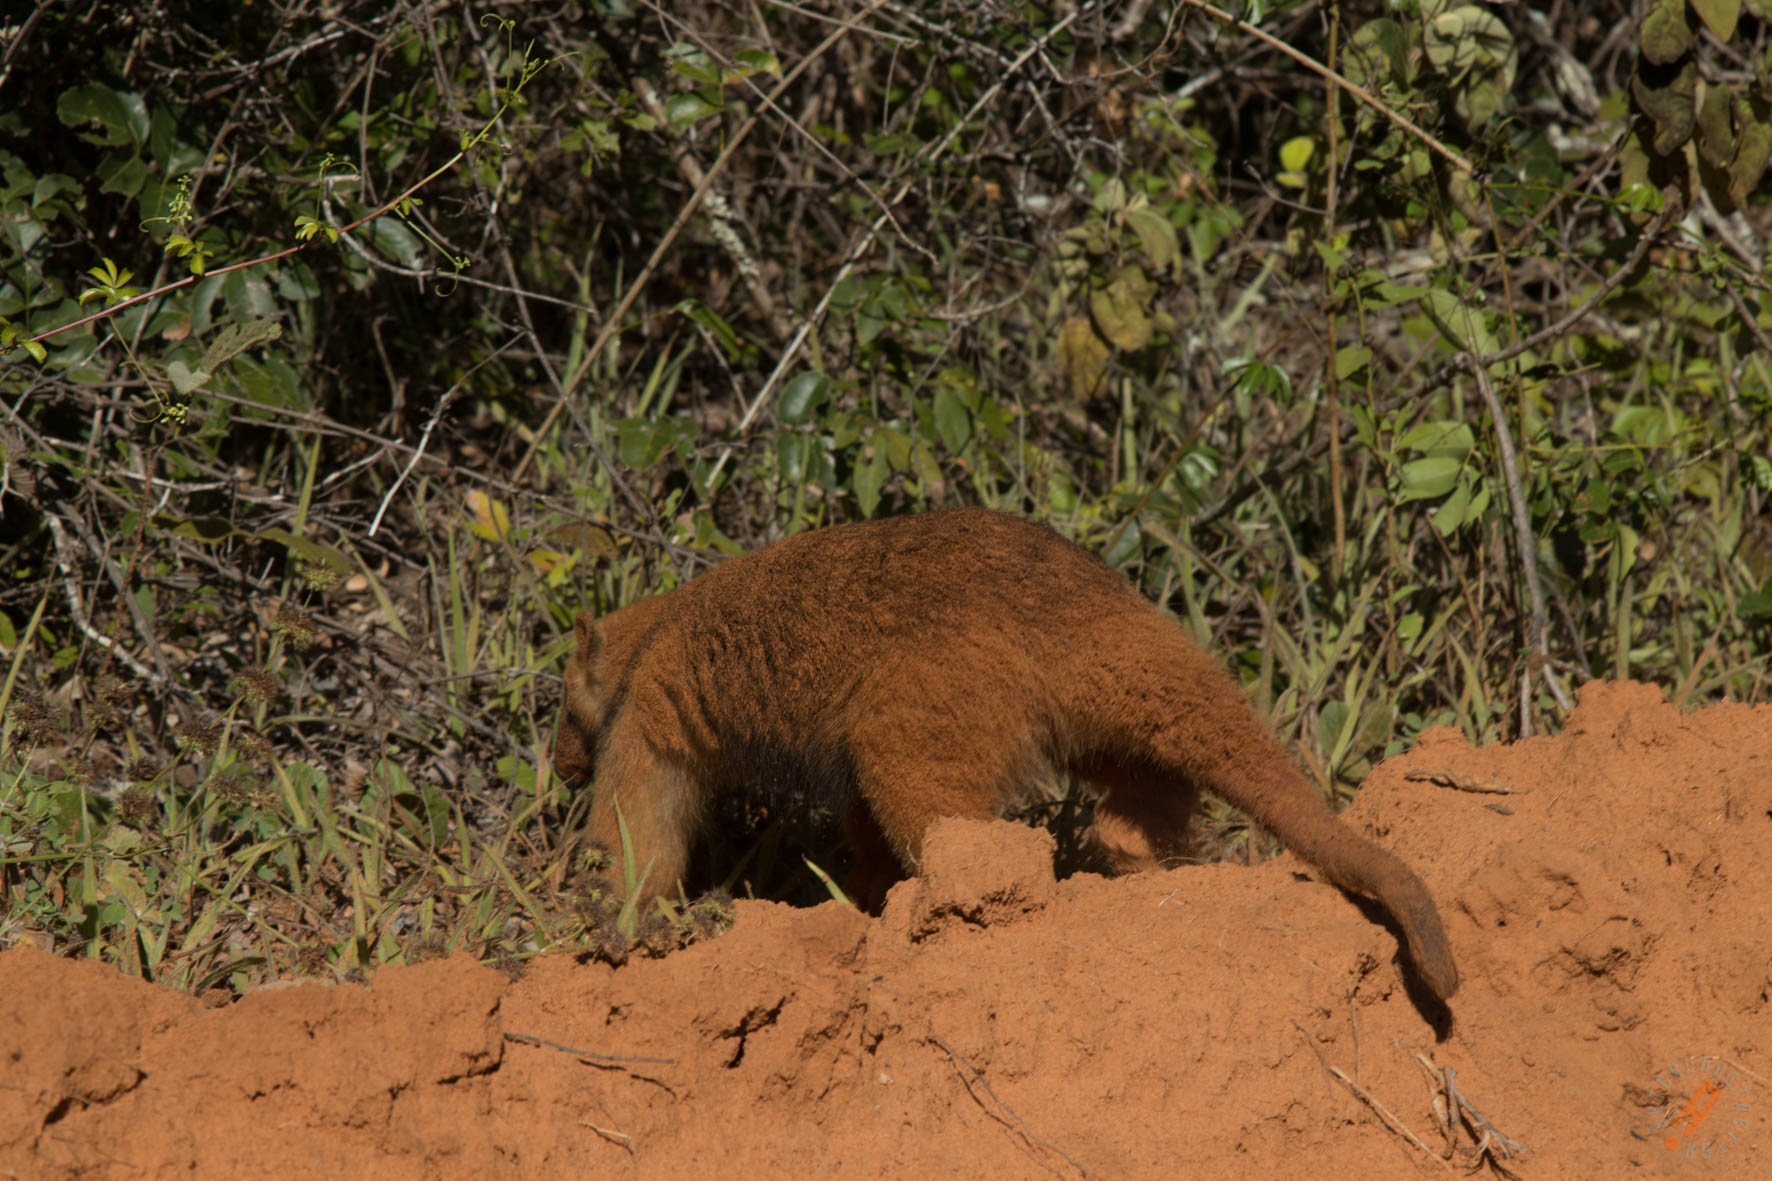 La nueva área de conservación alberga una gran cantidad de fauna silvestre. Foto: Nativa.